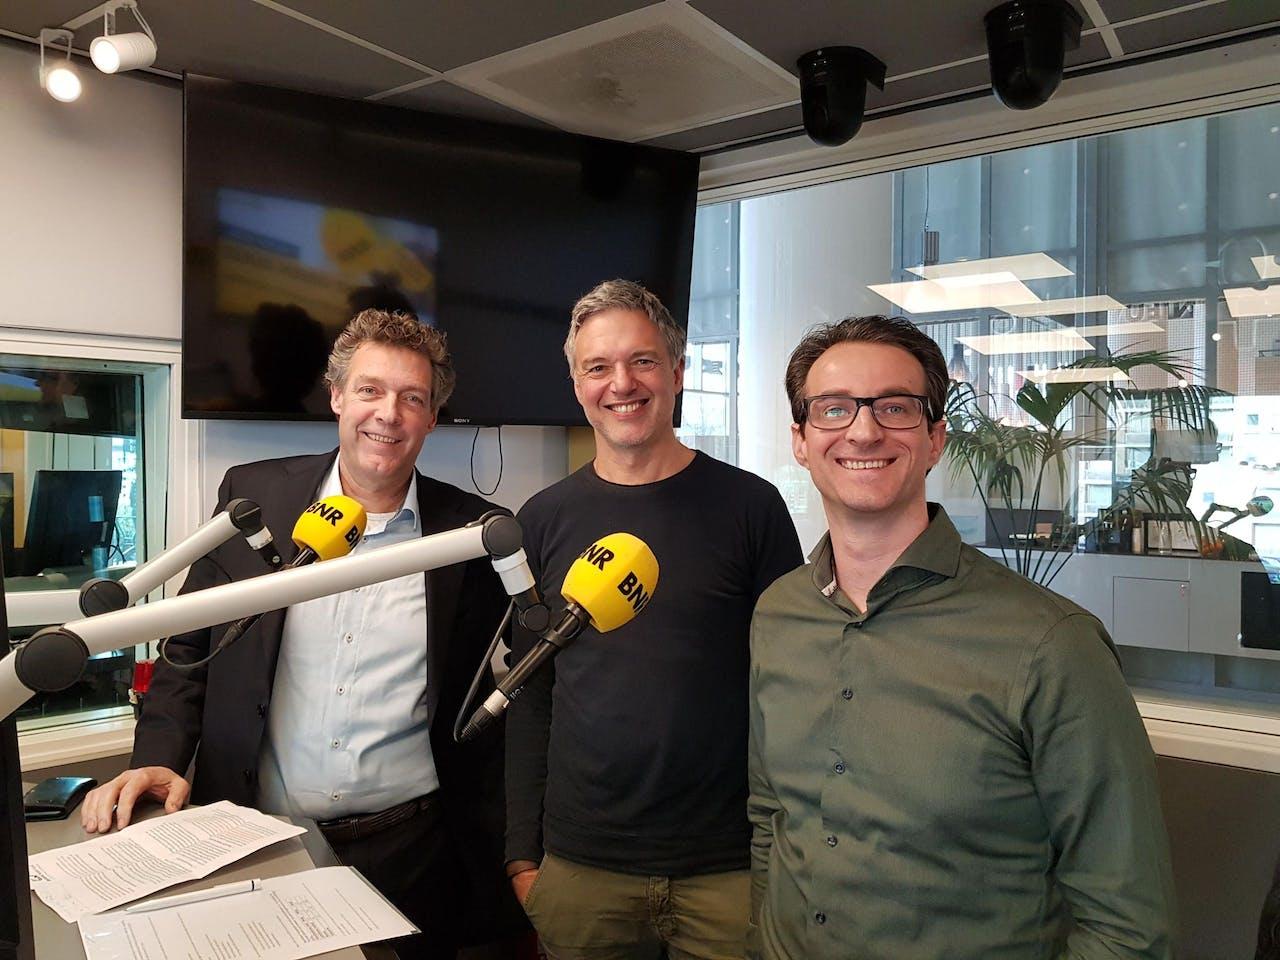 V.l.n.r.: Barend van Kessel, Paul Laseur en Dirkjan Reijersen van Buuren.